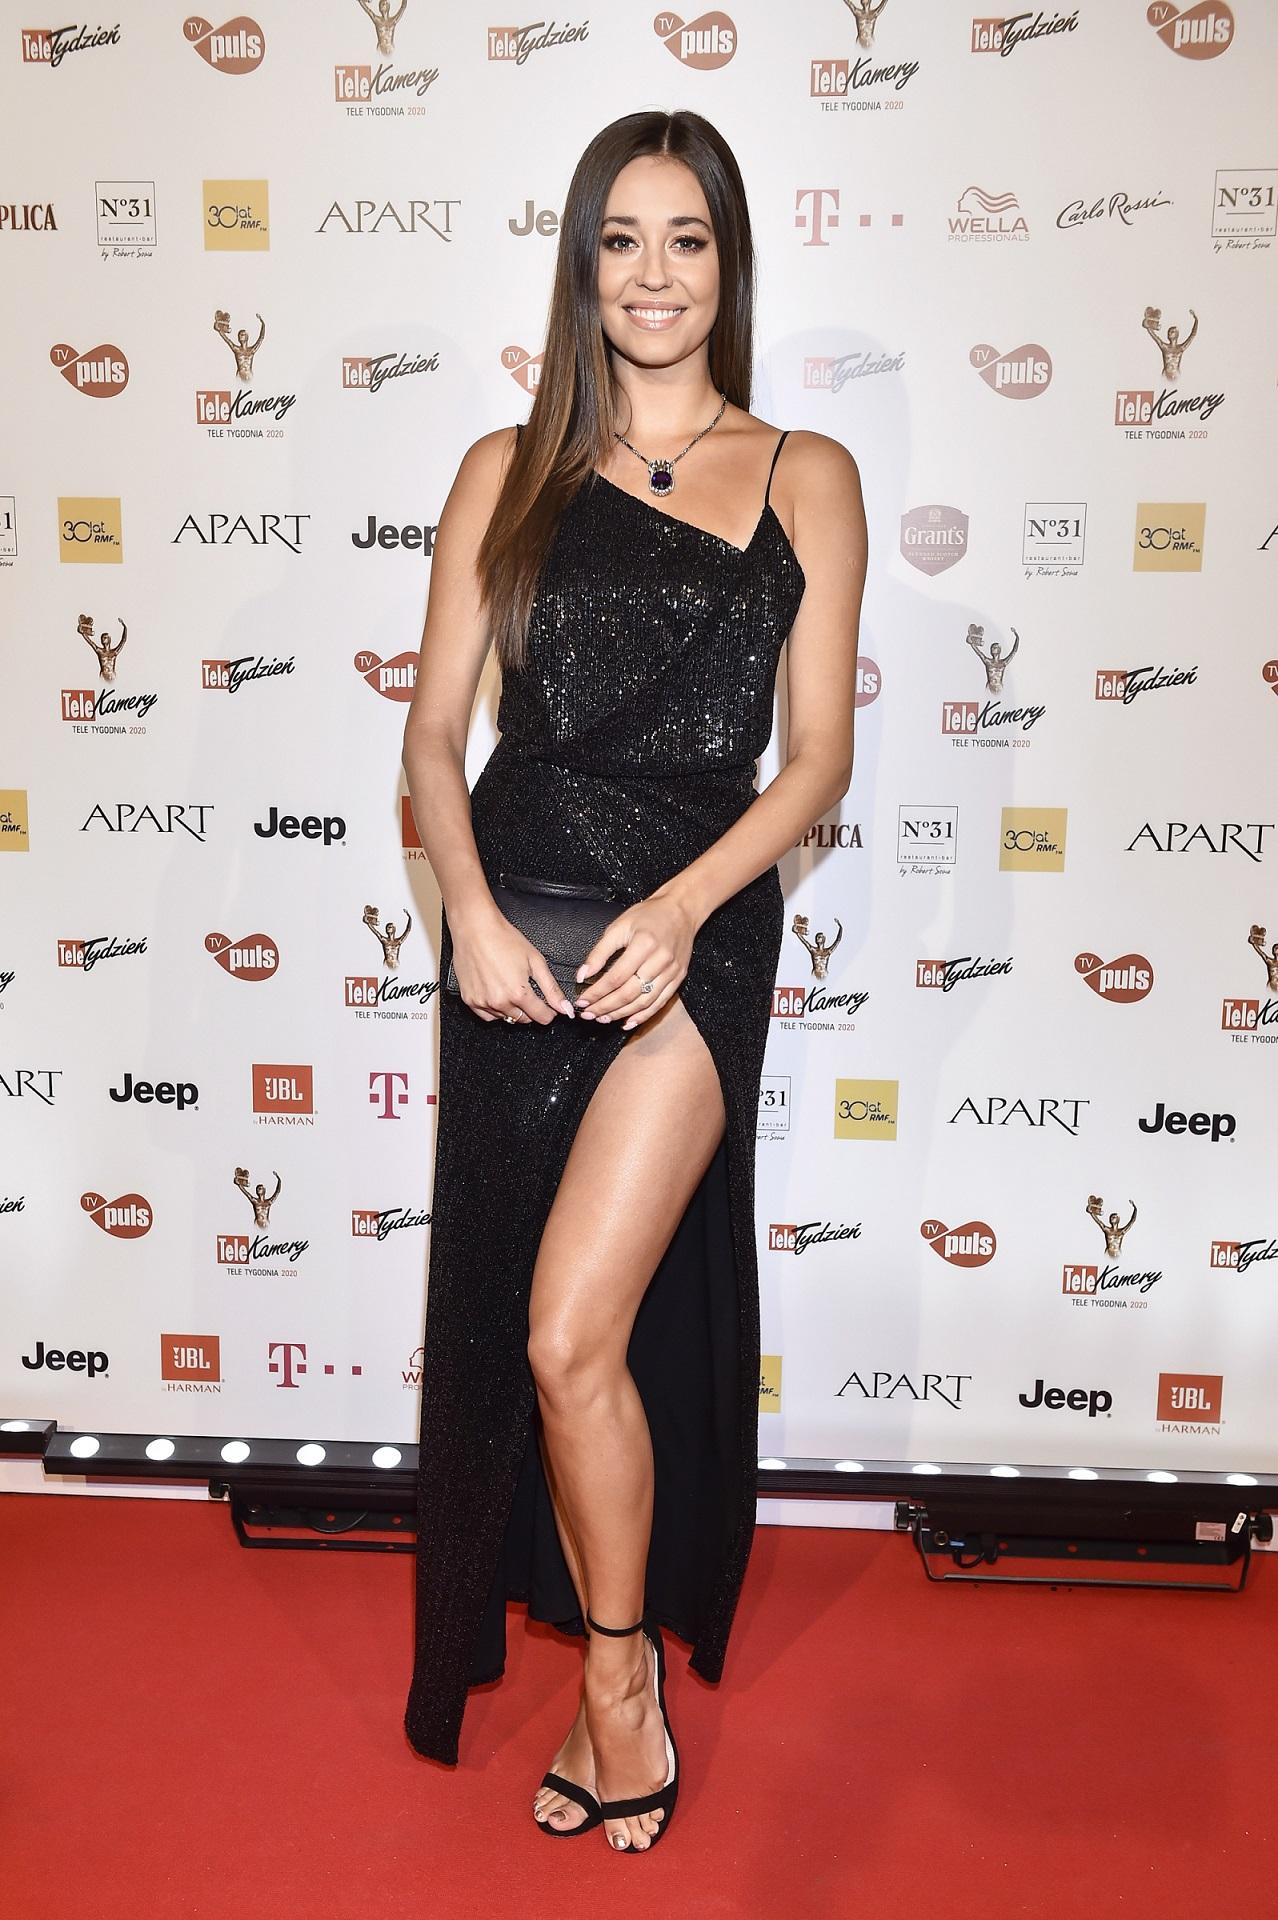 Izabella Krzan promienieje w eleganckiej, czarnej sukni.